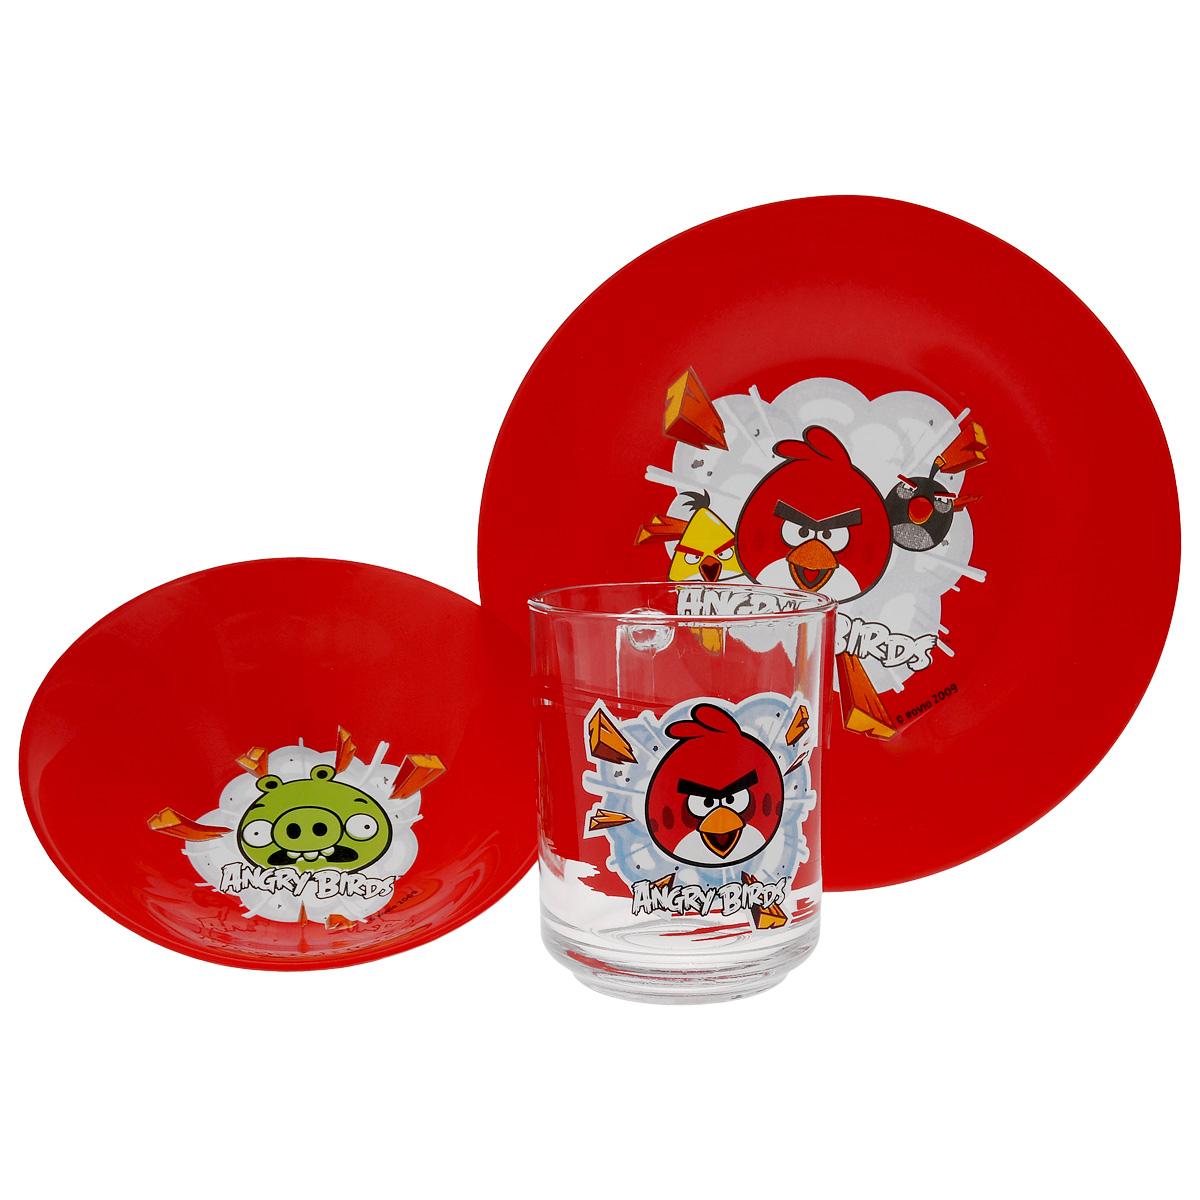 Набор детской посуды Angry Birds, цвет: красный, 3 предмета1057897Набор детской посуды Angry Birds, выполненный из стекла, состоит из кружки, тарелки исалатника.Изделия оформлены изображением любимых героев популярного мультфильма Angry Birds.Материалы изделий нетоксичны и безопасны для детского здоровья.Детская посуда удобна и увлекательна для вашего малыша. Привычная еда станет болеевкусной и приятной, если процесс кормления сопровождать игрой и сказками о любимых героях.Красочная посуда является залогом хорошего настроения и аппетита ваших детей.Можно мыть в посудомоечной машине.Диаметр тарелка: 19,5 см.Диаметр салатника: 14 см.Высота салатника: 4,5 см.Объем кружки: 250 мл.Диаметр кружки (по верхнему краю): 7 см.Высота кружки: 9,5 см.